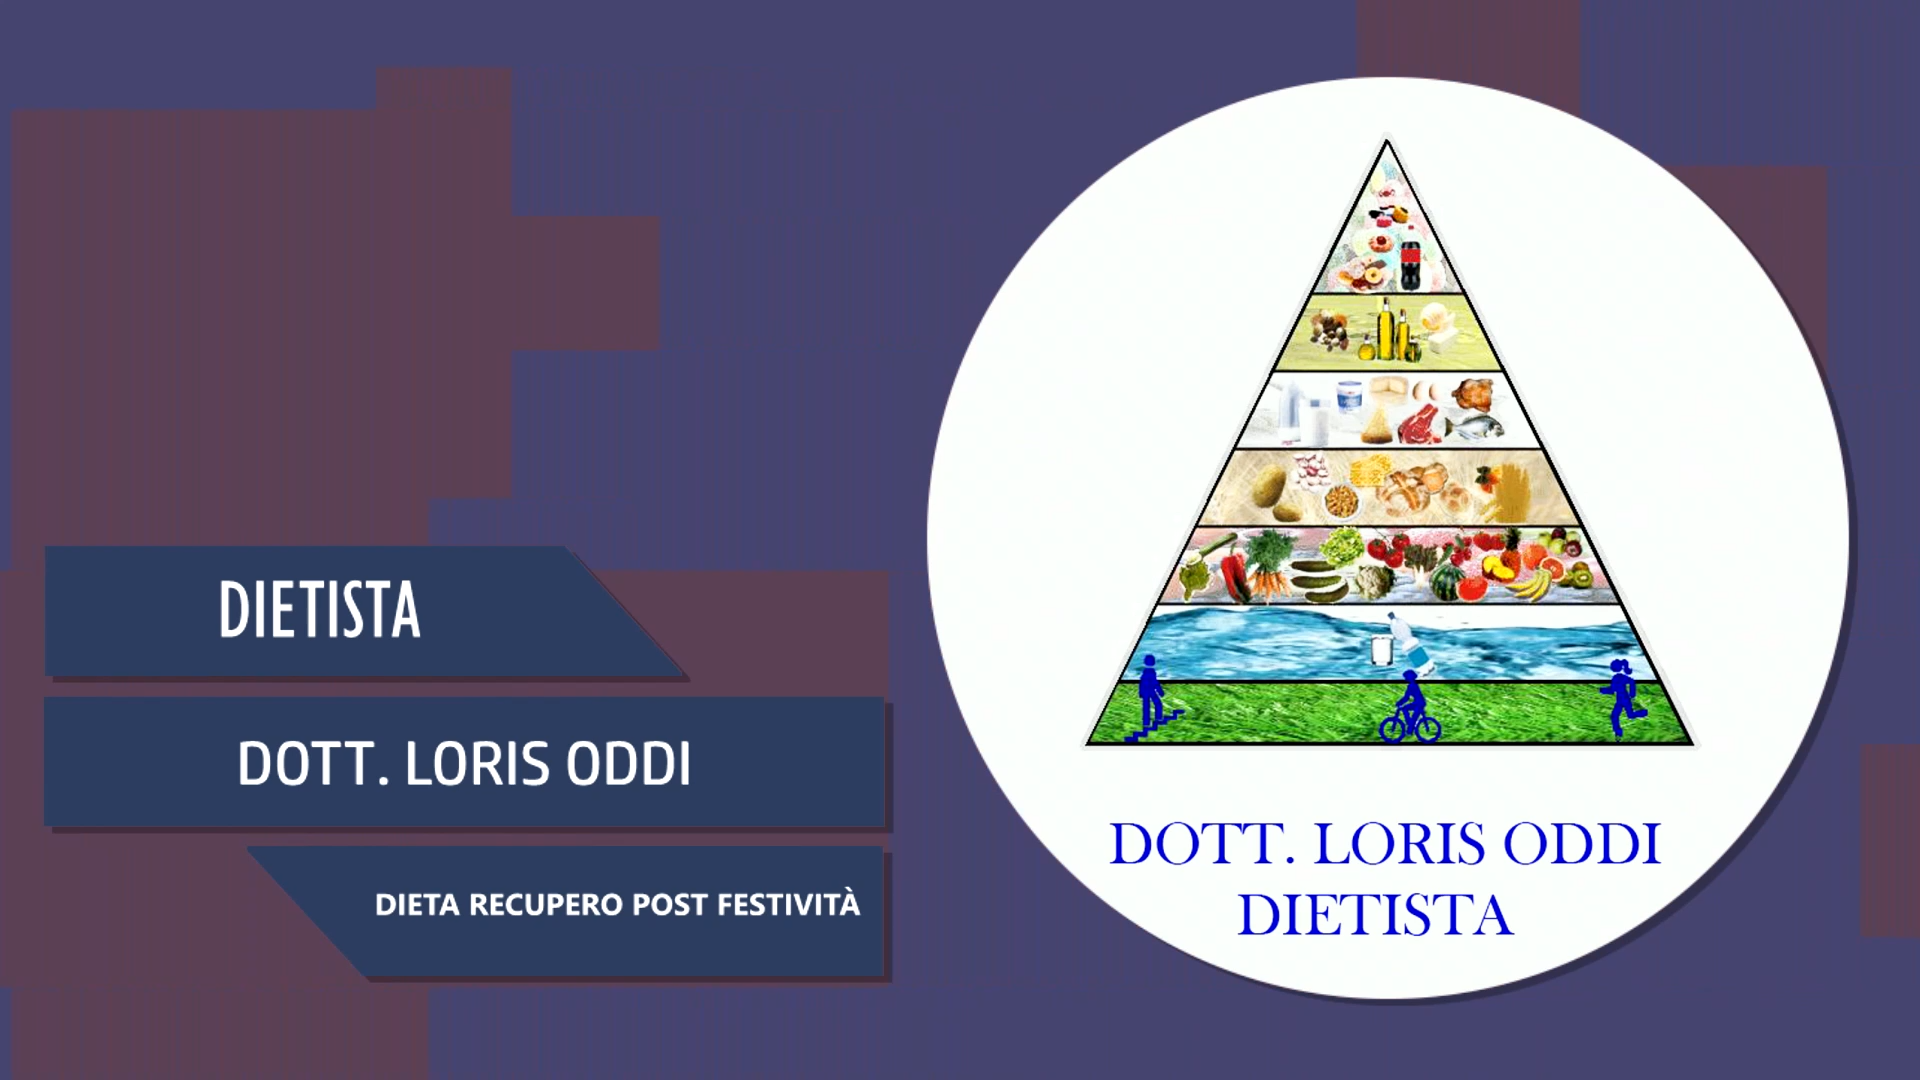 Intervista al Dott. Loris Oddi – Dieta recupero post festività